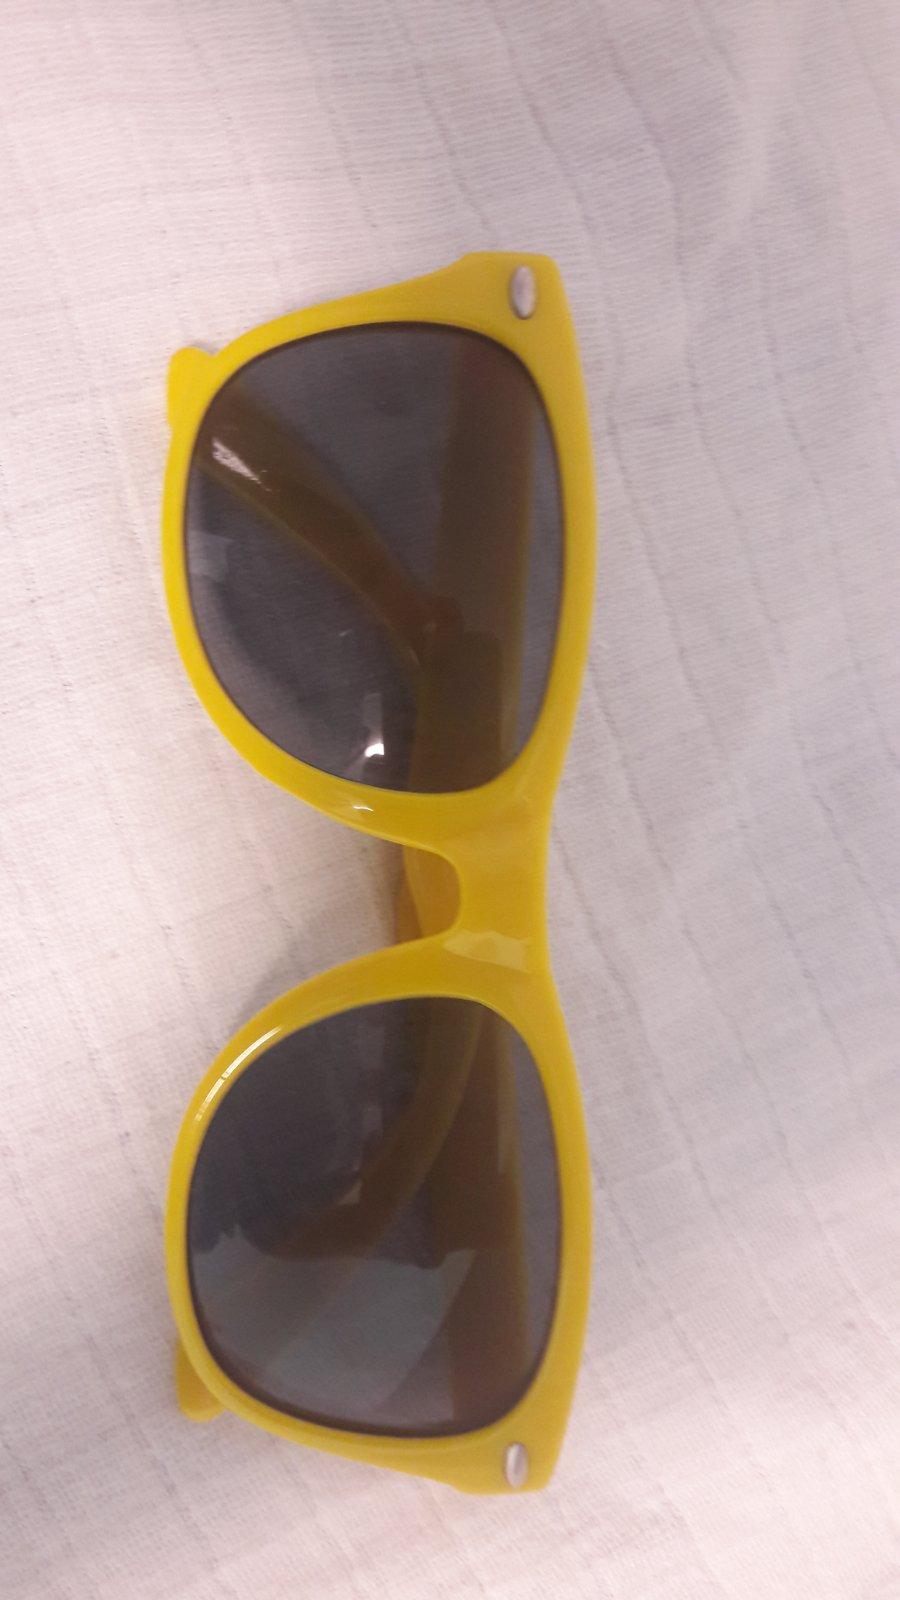 c752b7bba Žlté slnečné okuliare, - 2,50 € od predávajúcej domulik_123 | Detský bazár  | ModryKonik.sk